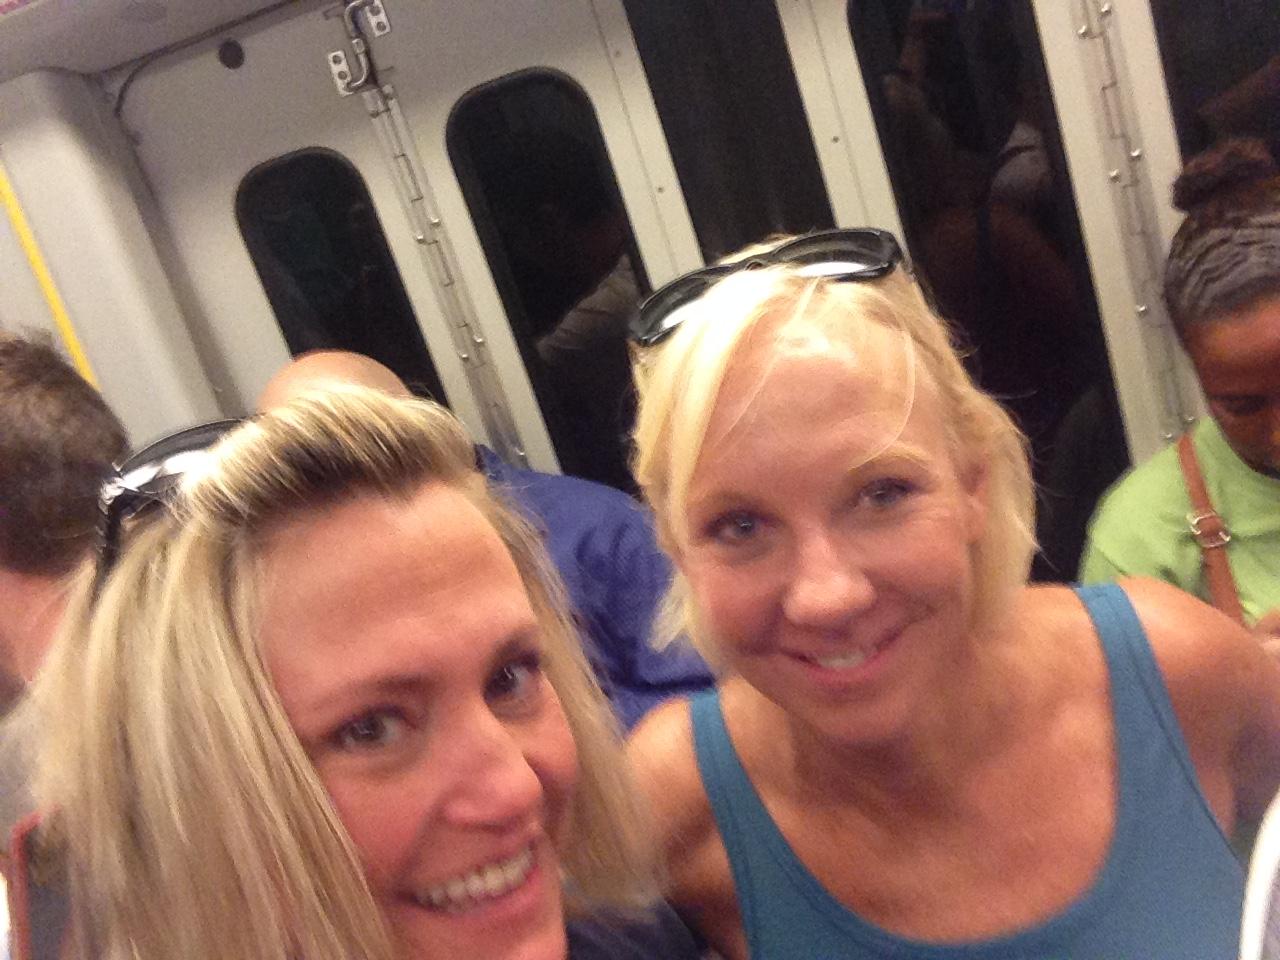 Like sardines on the subway!